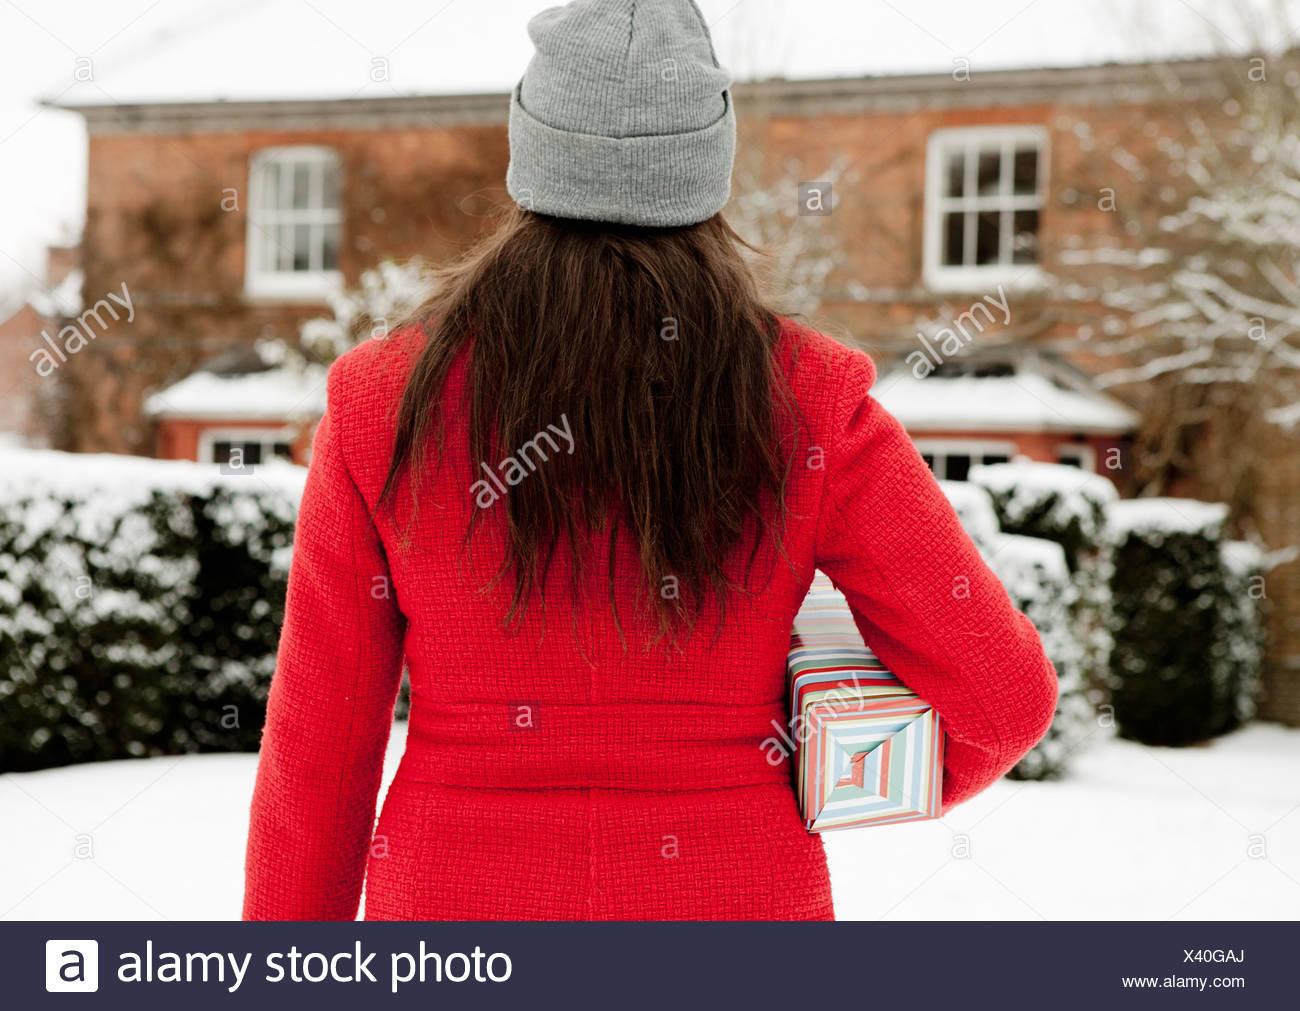 Mujer llevar regalos envueltos en la nieve Foto de stock